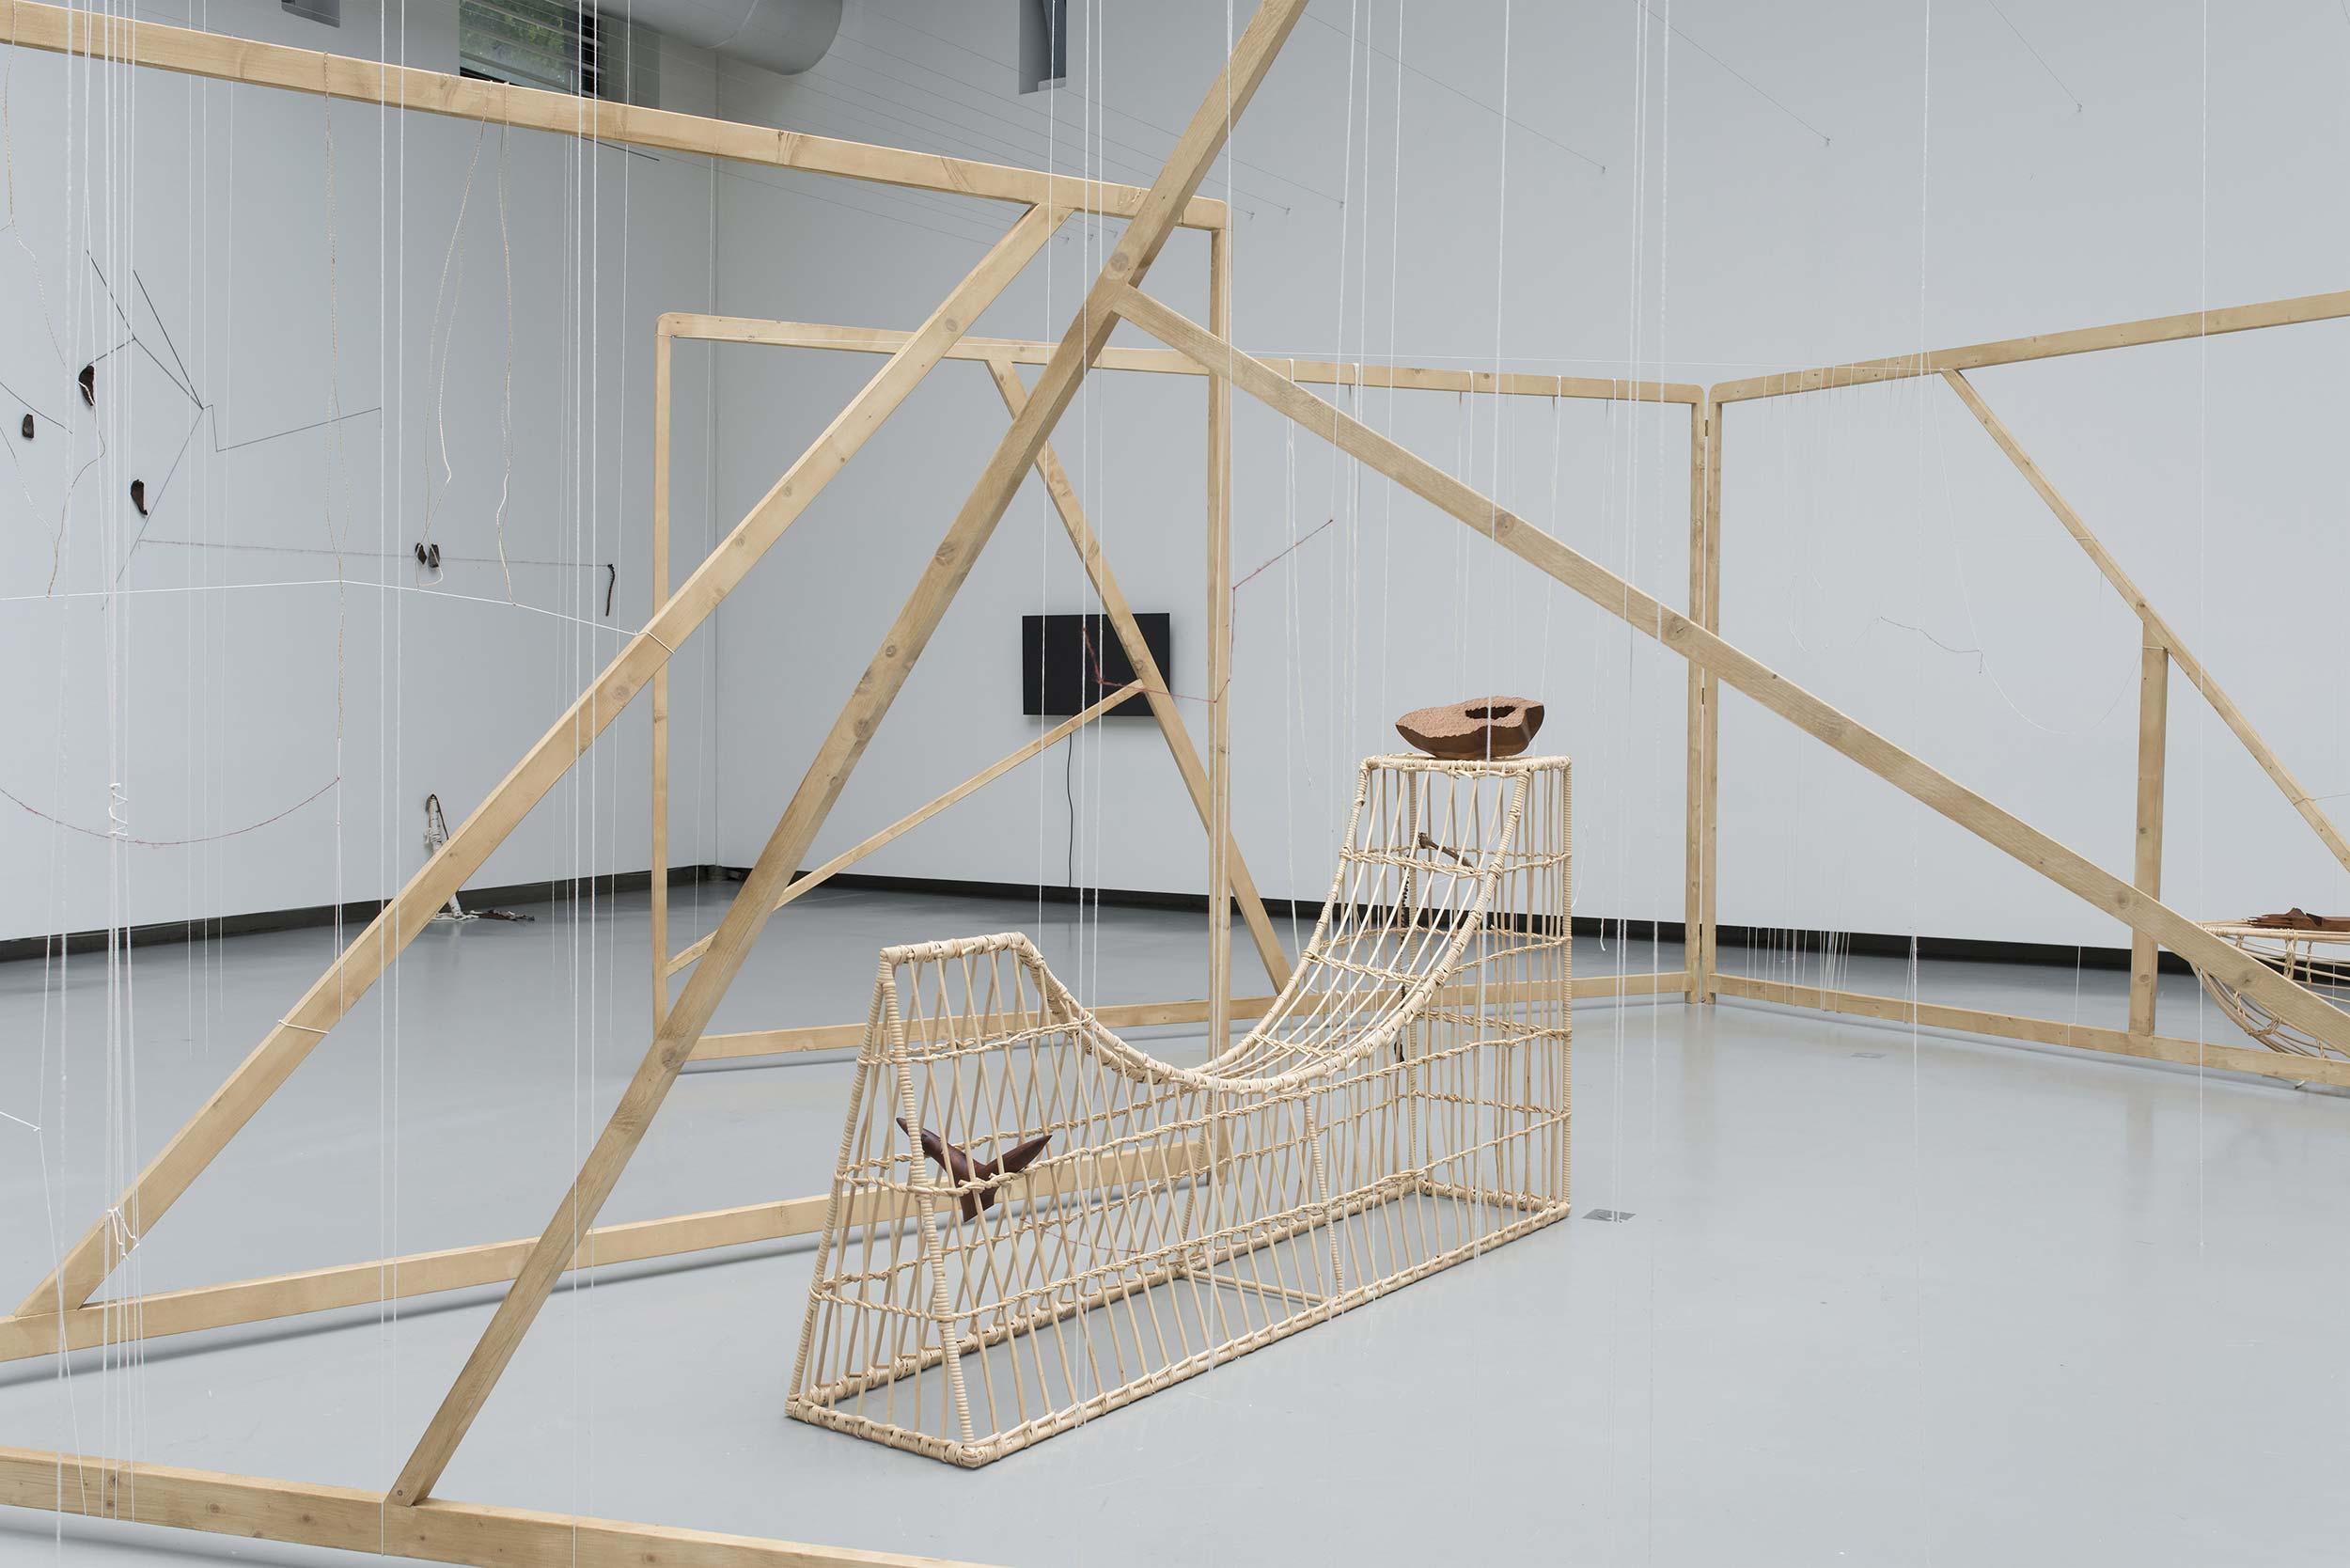 Vue de l'exposition de Minia Biabiany, « Musa Nuit », La Verrière (Bruxelles), 2020